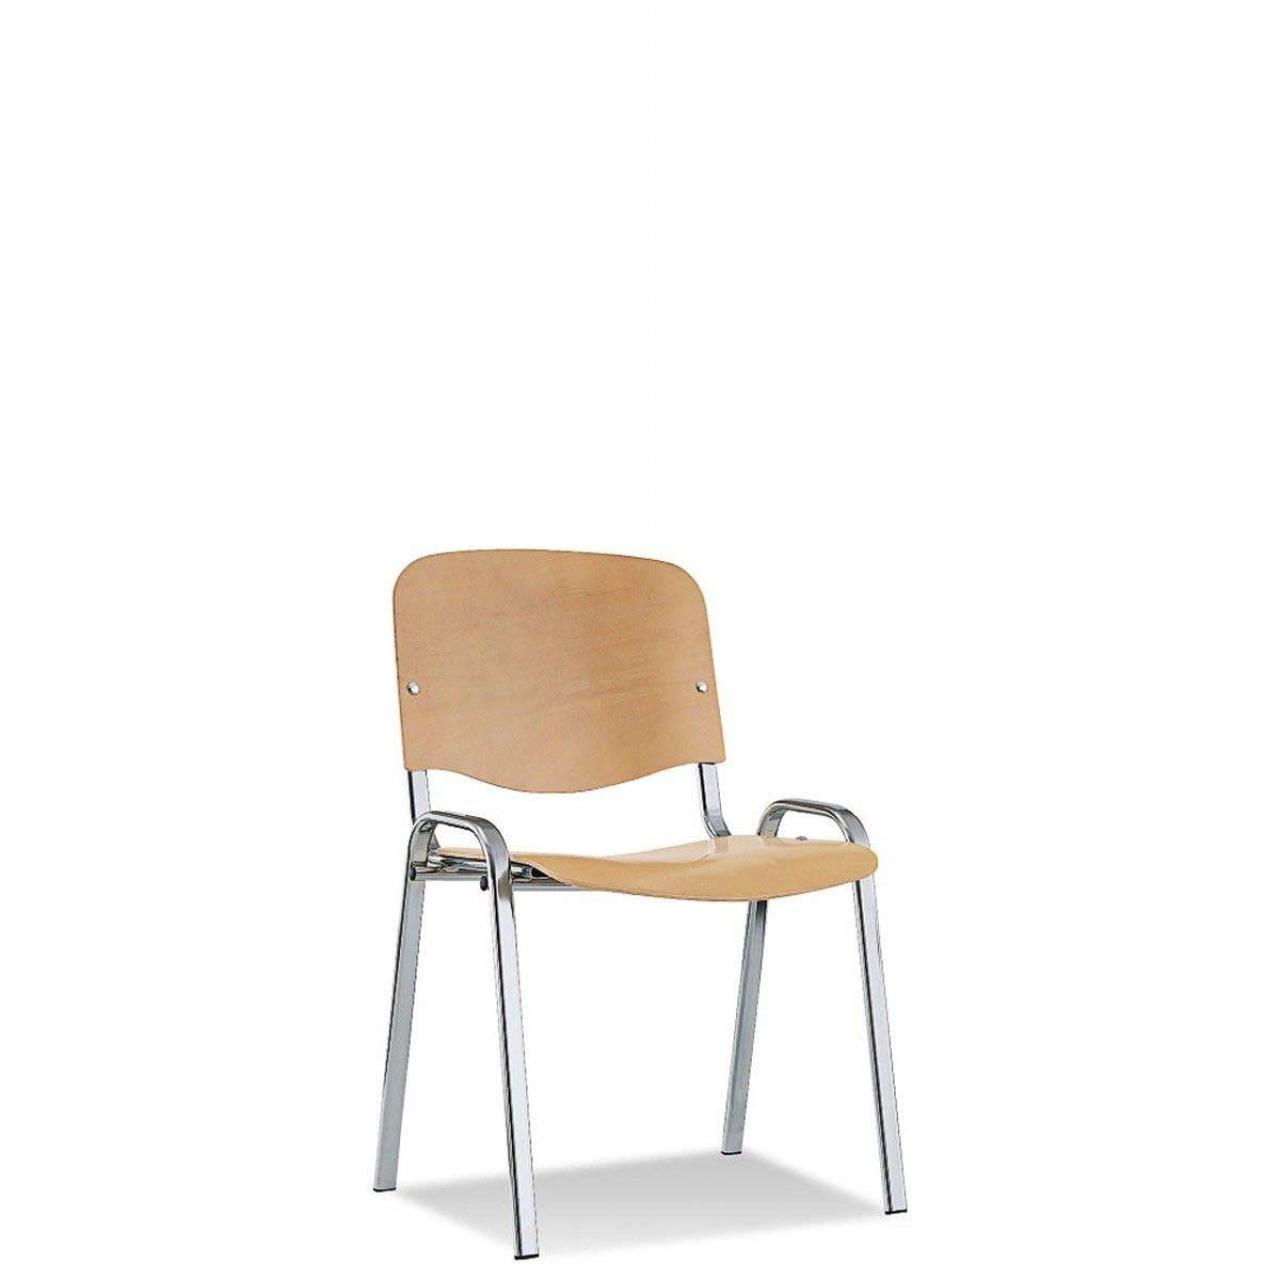 Konferenzstuhl Iso wood